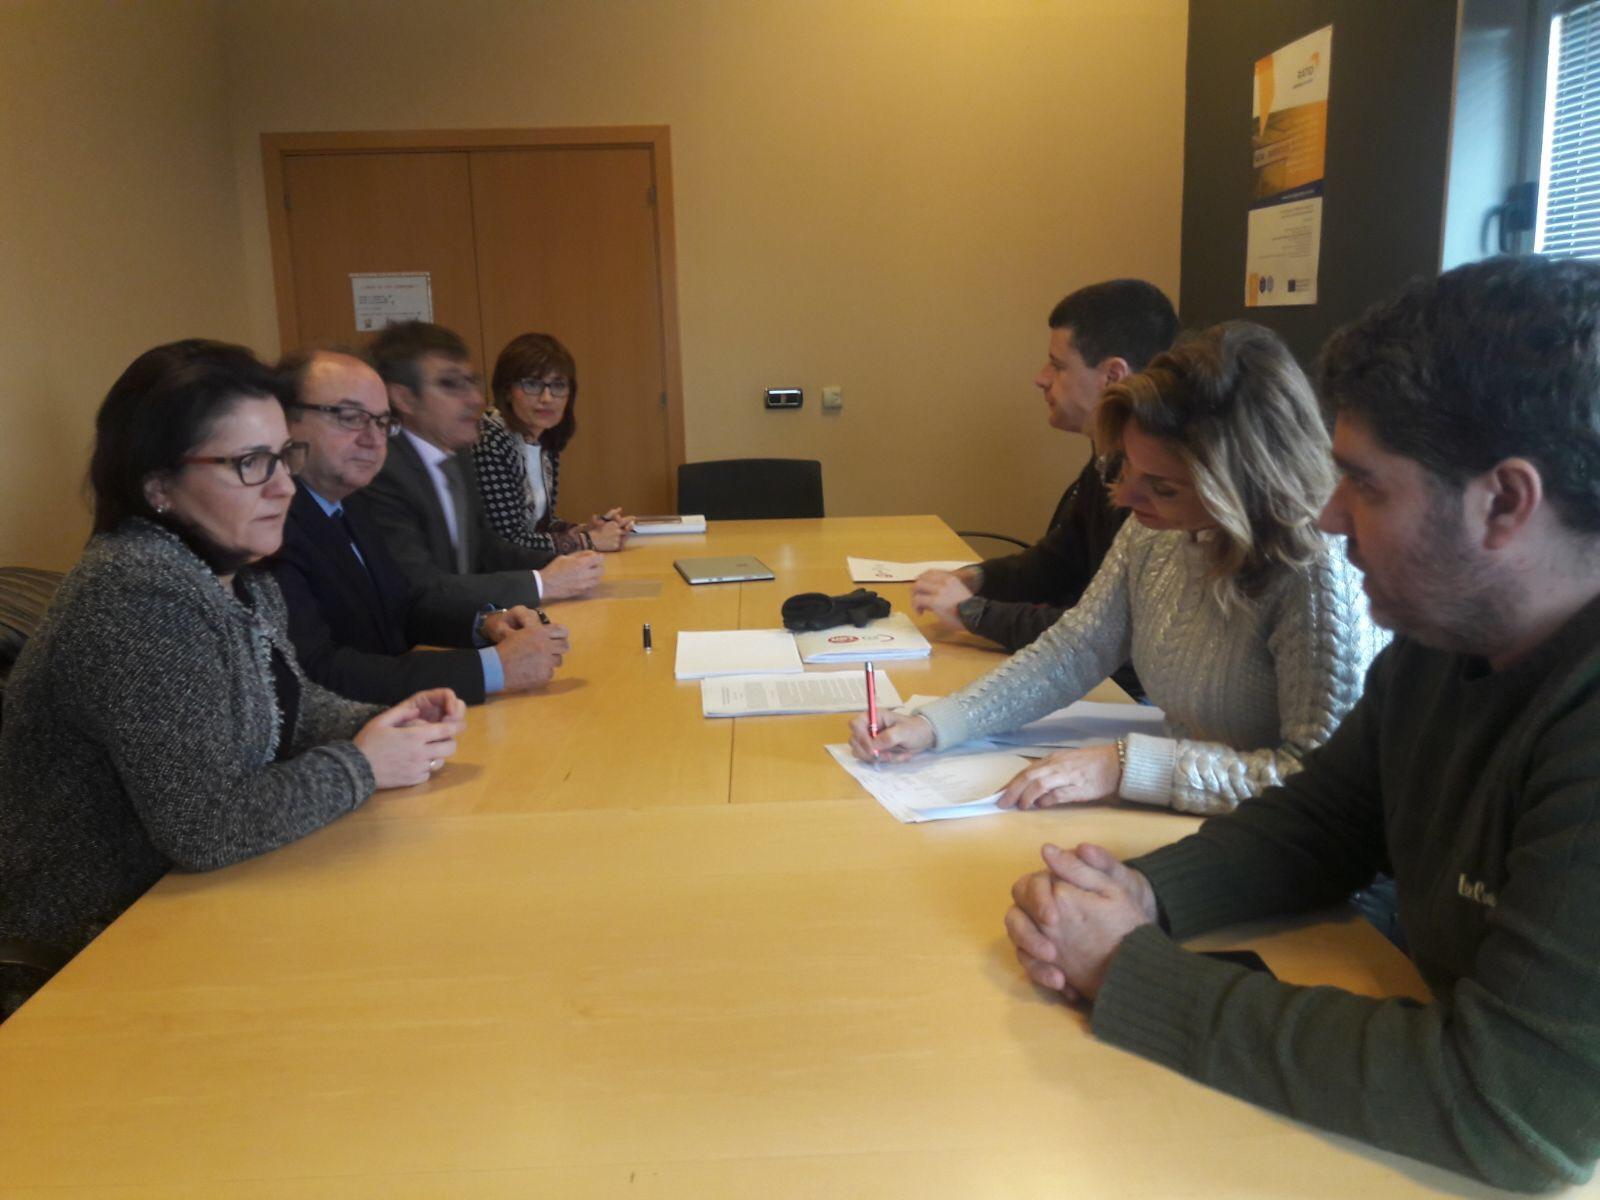 Ceoe zaragoza firmado el convenio de oficinas y despachos for Convenio colectivo oficinas y despachos zaragoza